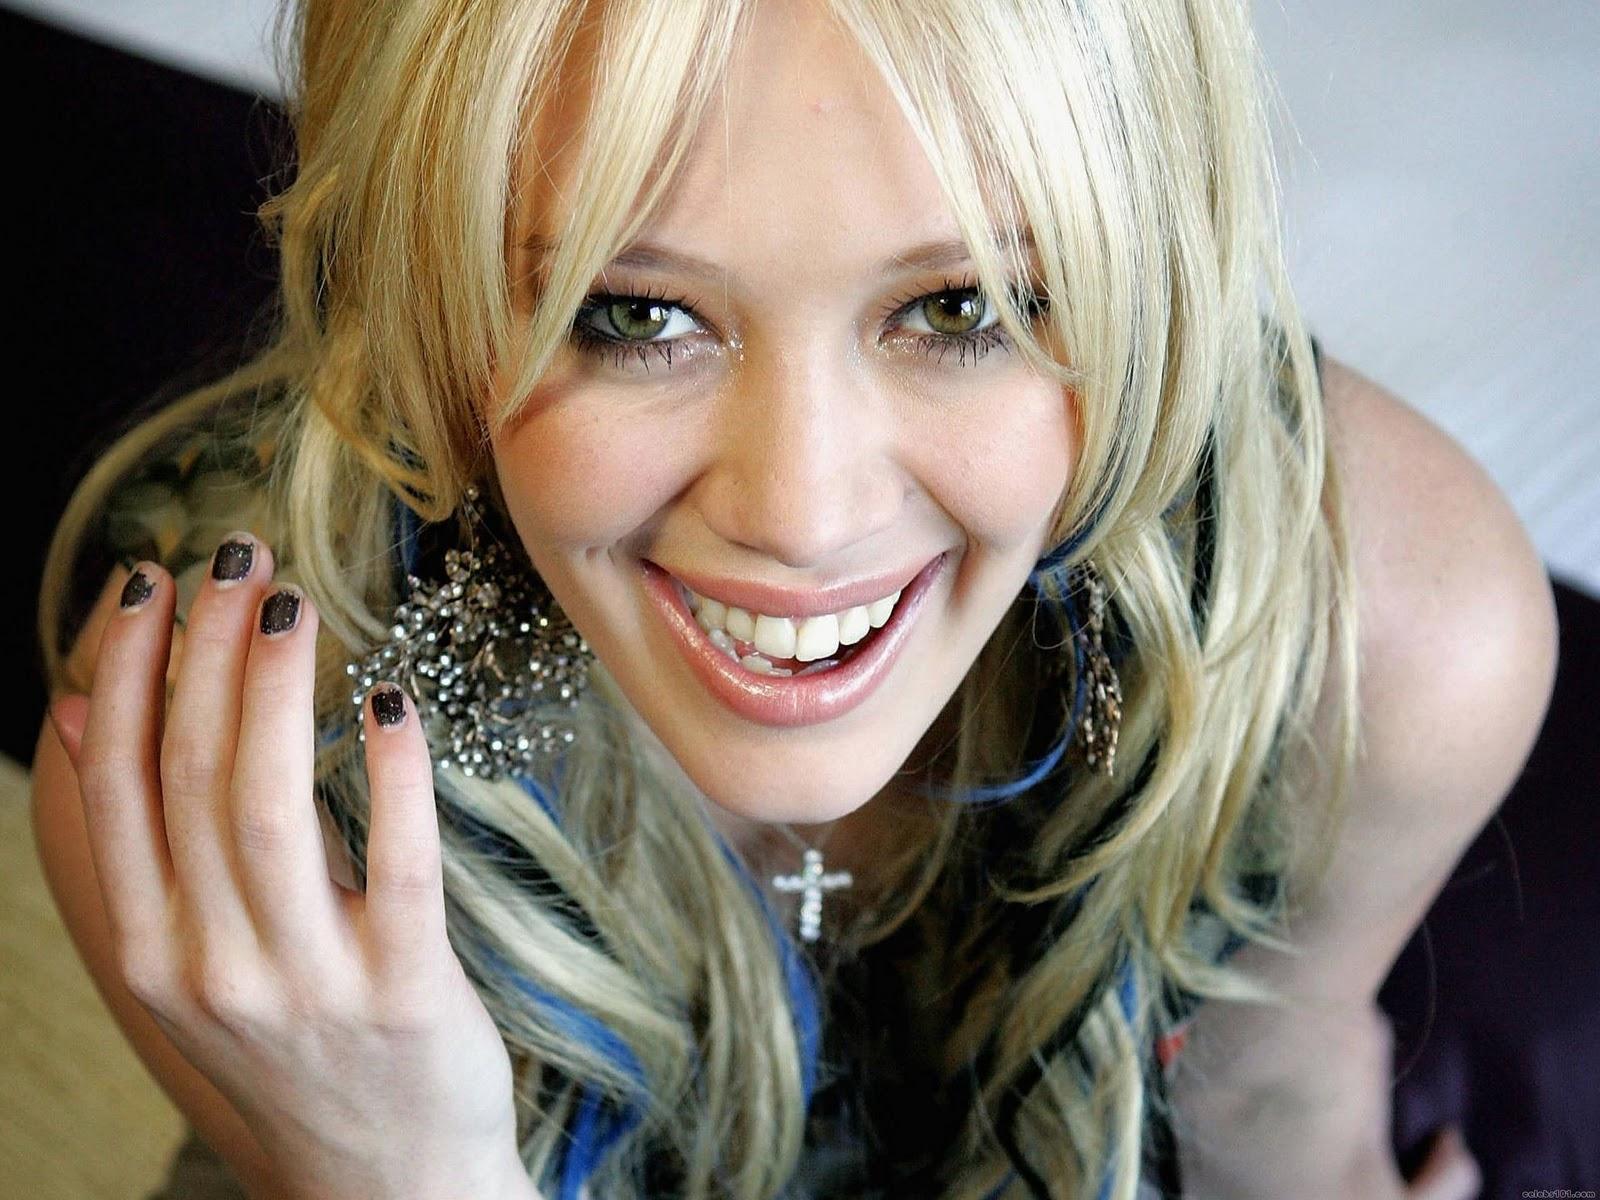 http://2.bp.blogspot.com/-_lMl6jLJ4kM/TyfpcfayAdI/AAAAAAAAFFI/C4shAsAeXog/s1600/hilary-duff-skinny.jpg